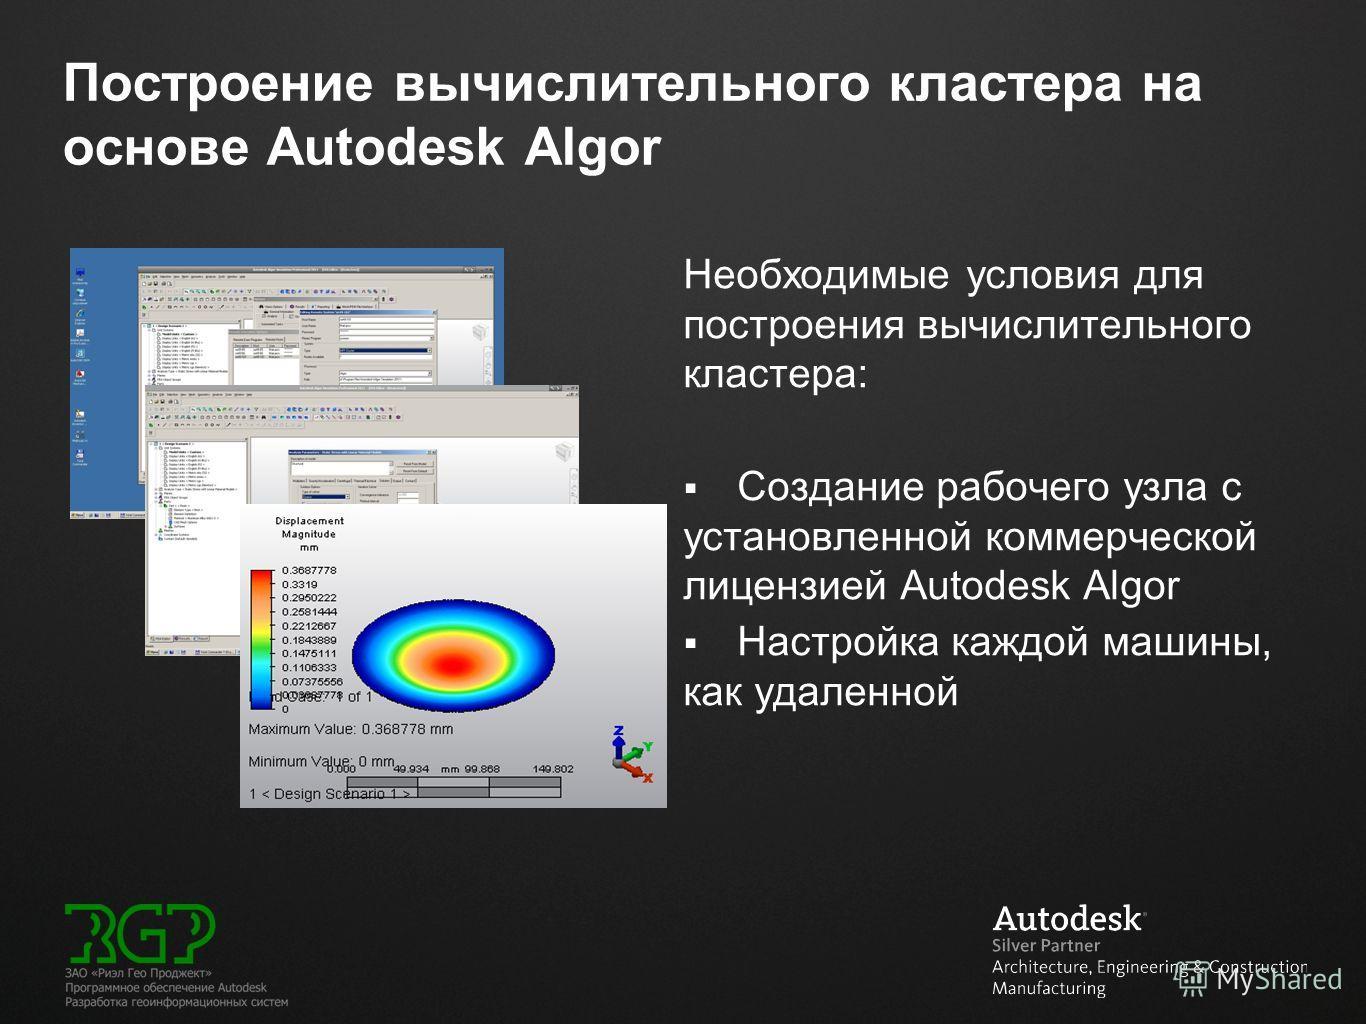 Построение вычислительного кластера на основе Autodesk Algor Необходимые условия для построения вычислительного кластера: Создание рабочего узла с установленной коммерческой лицензией Autodesk Algor Настройка каждой машины, как удаленной